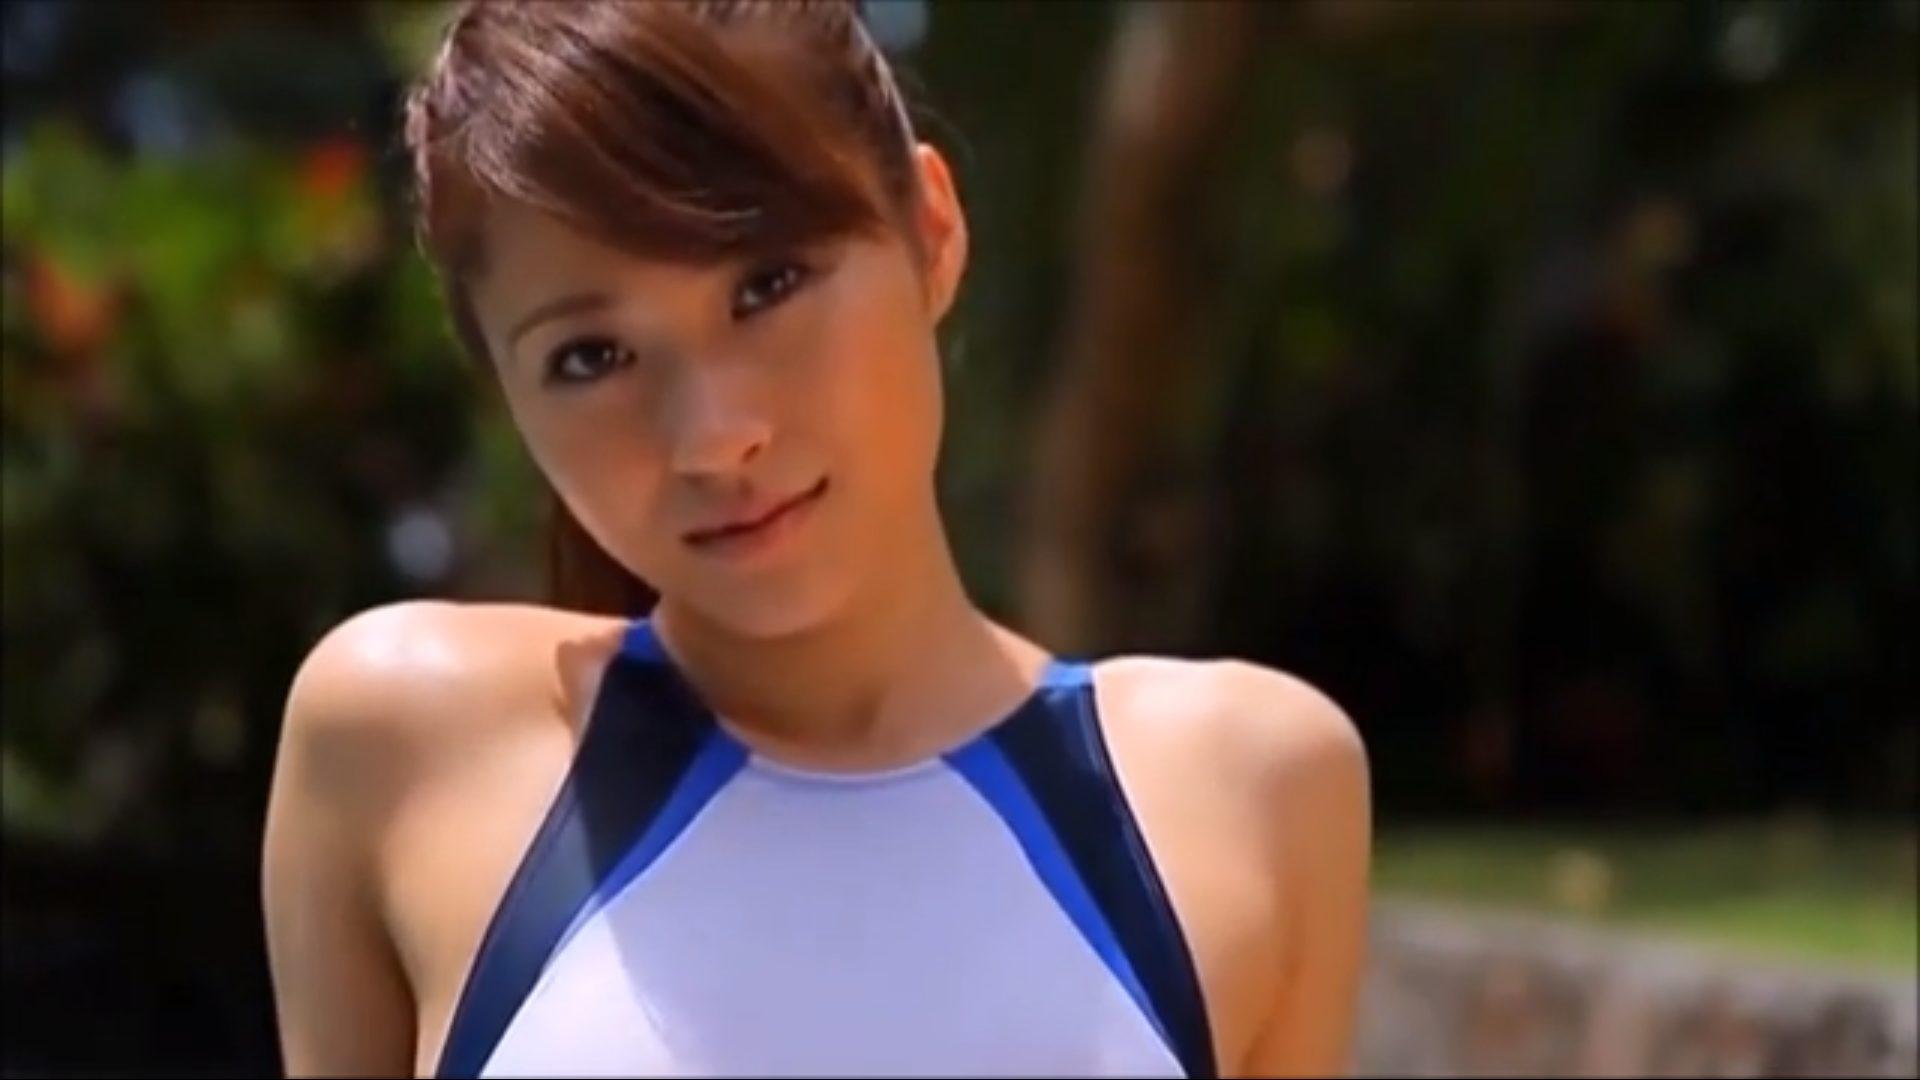 【山口沙紀】Dカップ3 美人のハイレグ水着姿!最強すぎる!